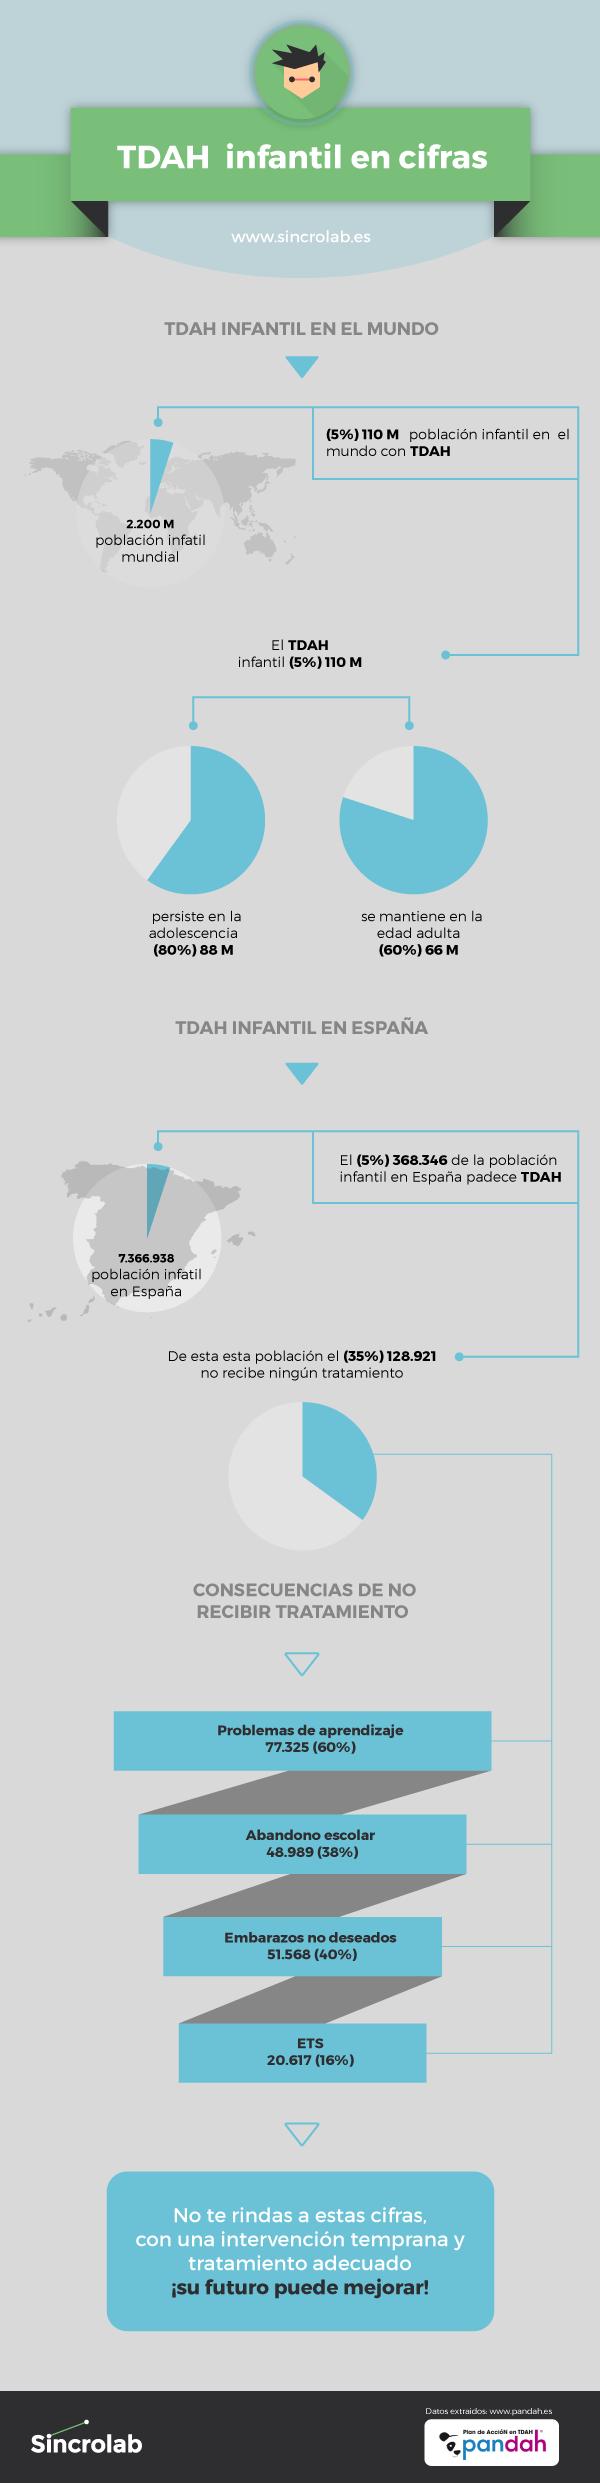 infografia-tdah-en-cifras